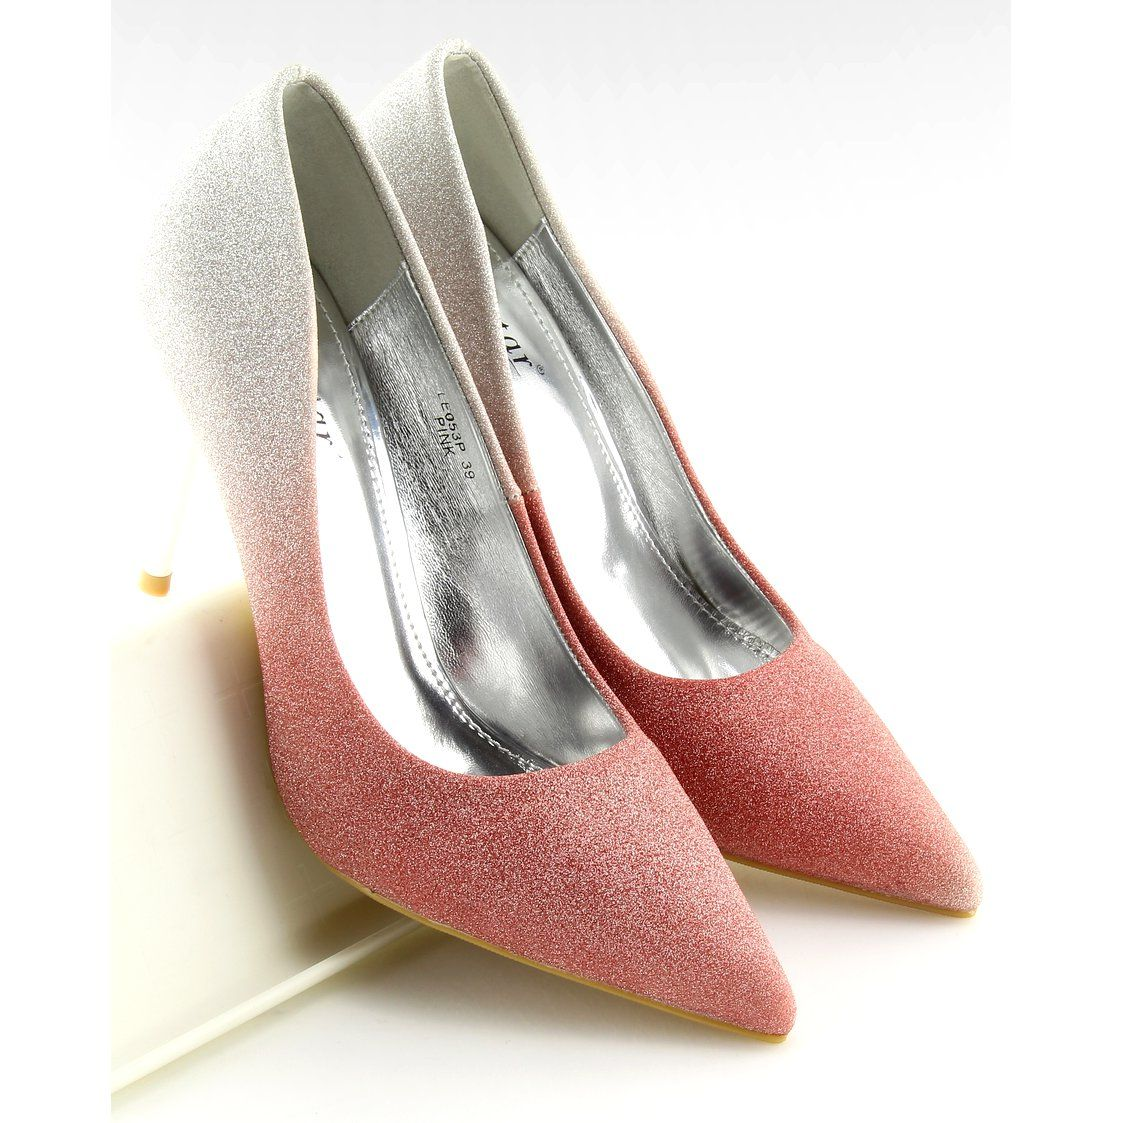 Czolenka Damskie Butymodne Rozowe Szpilki Opalizujace Ombre Rozowo Szare Heels Shoes Fashion